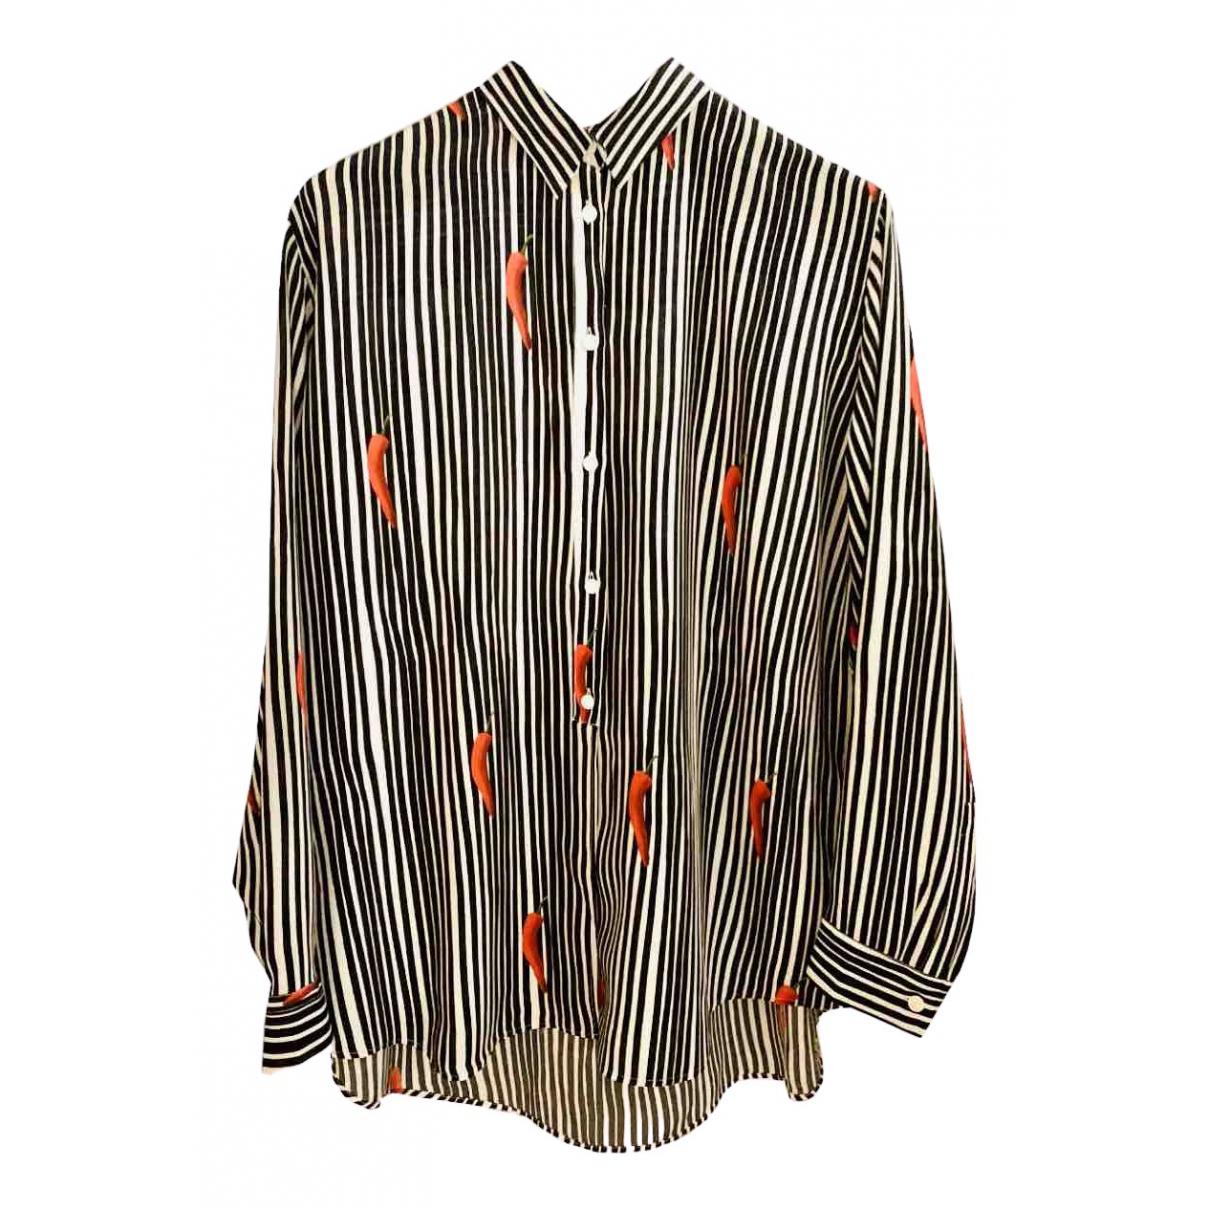 Paul Smith - Pull   pour femme en soie - multicolore